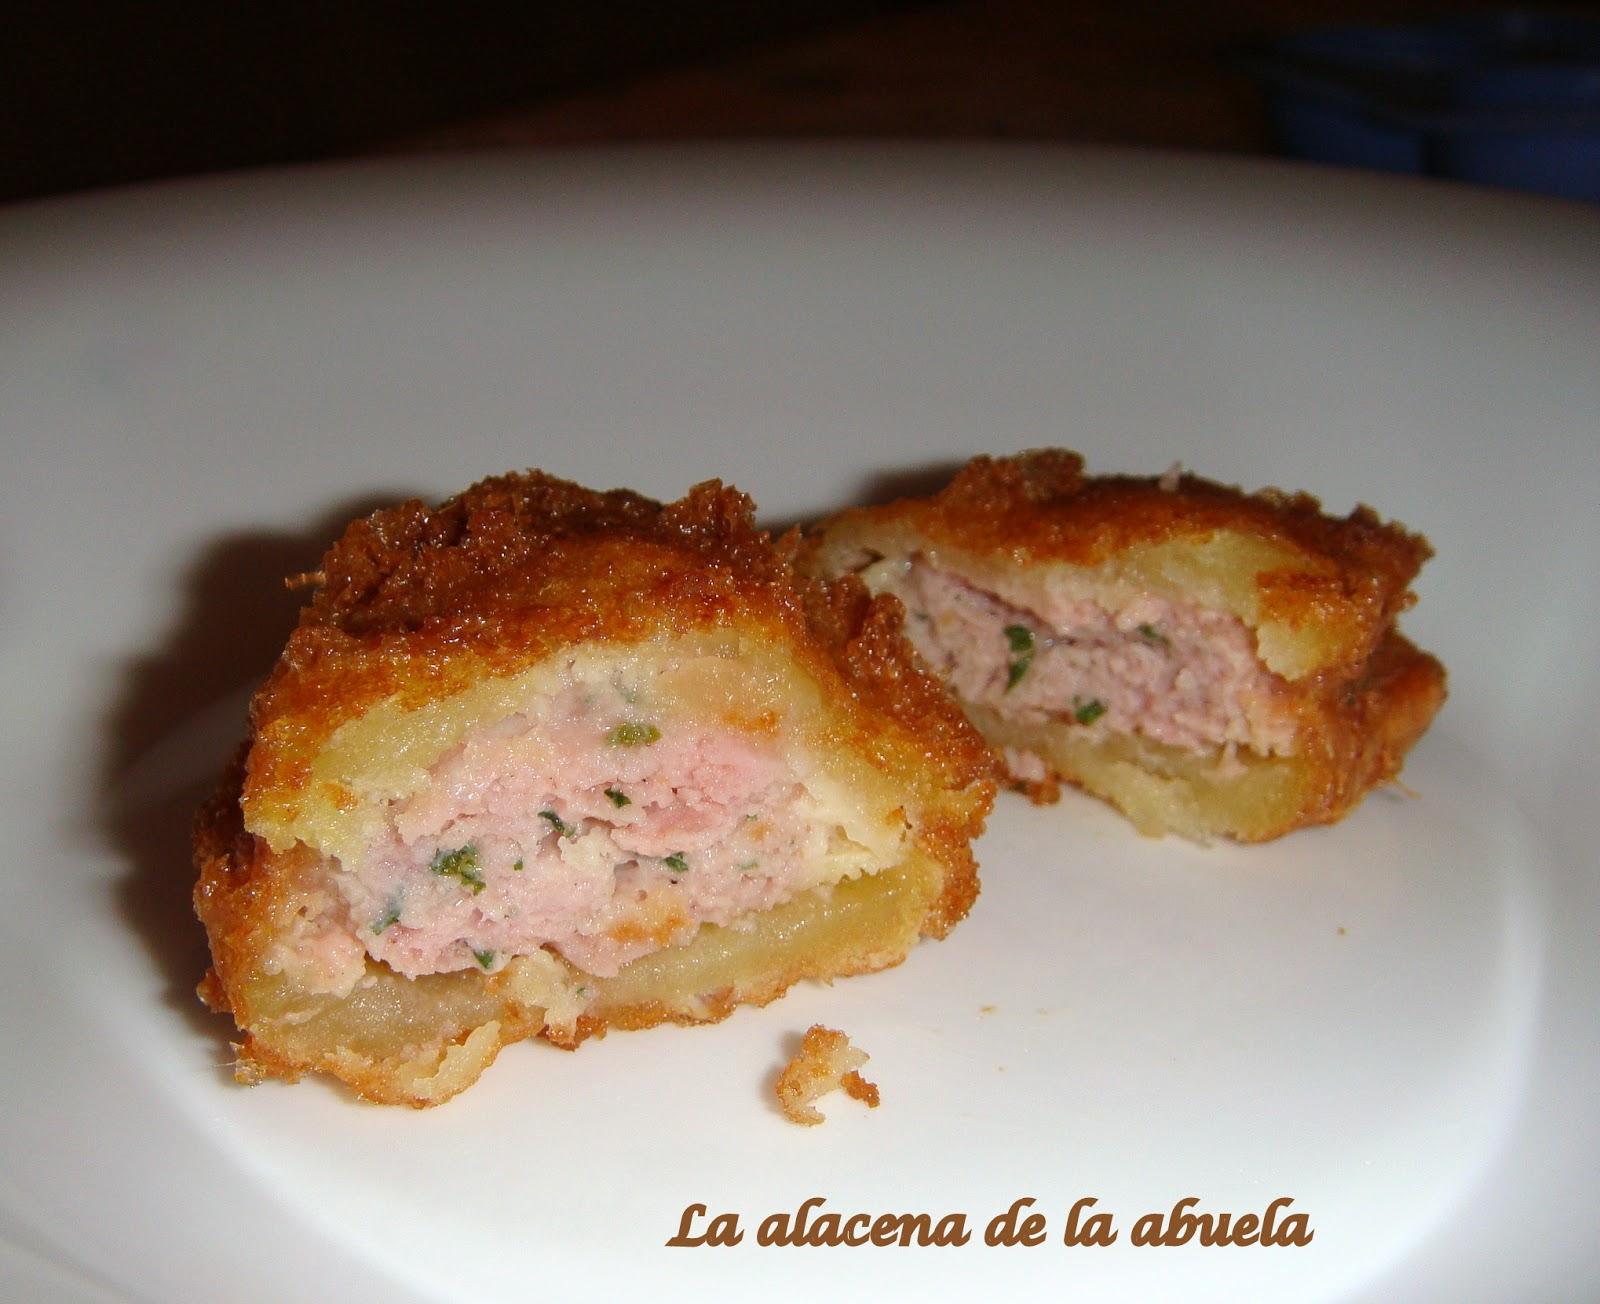 La alacena de la abuela carmen patatas rellenas de bujalance for Cocina casera de la abuela